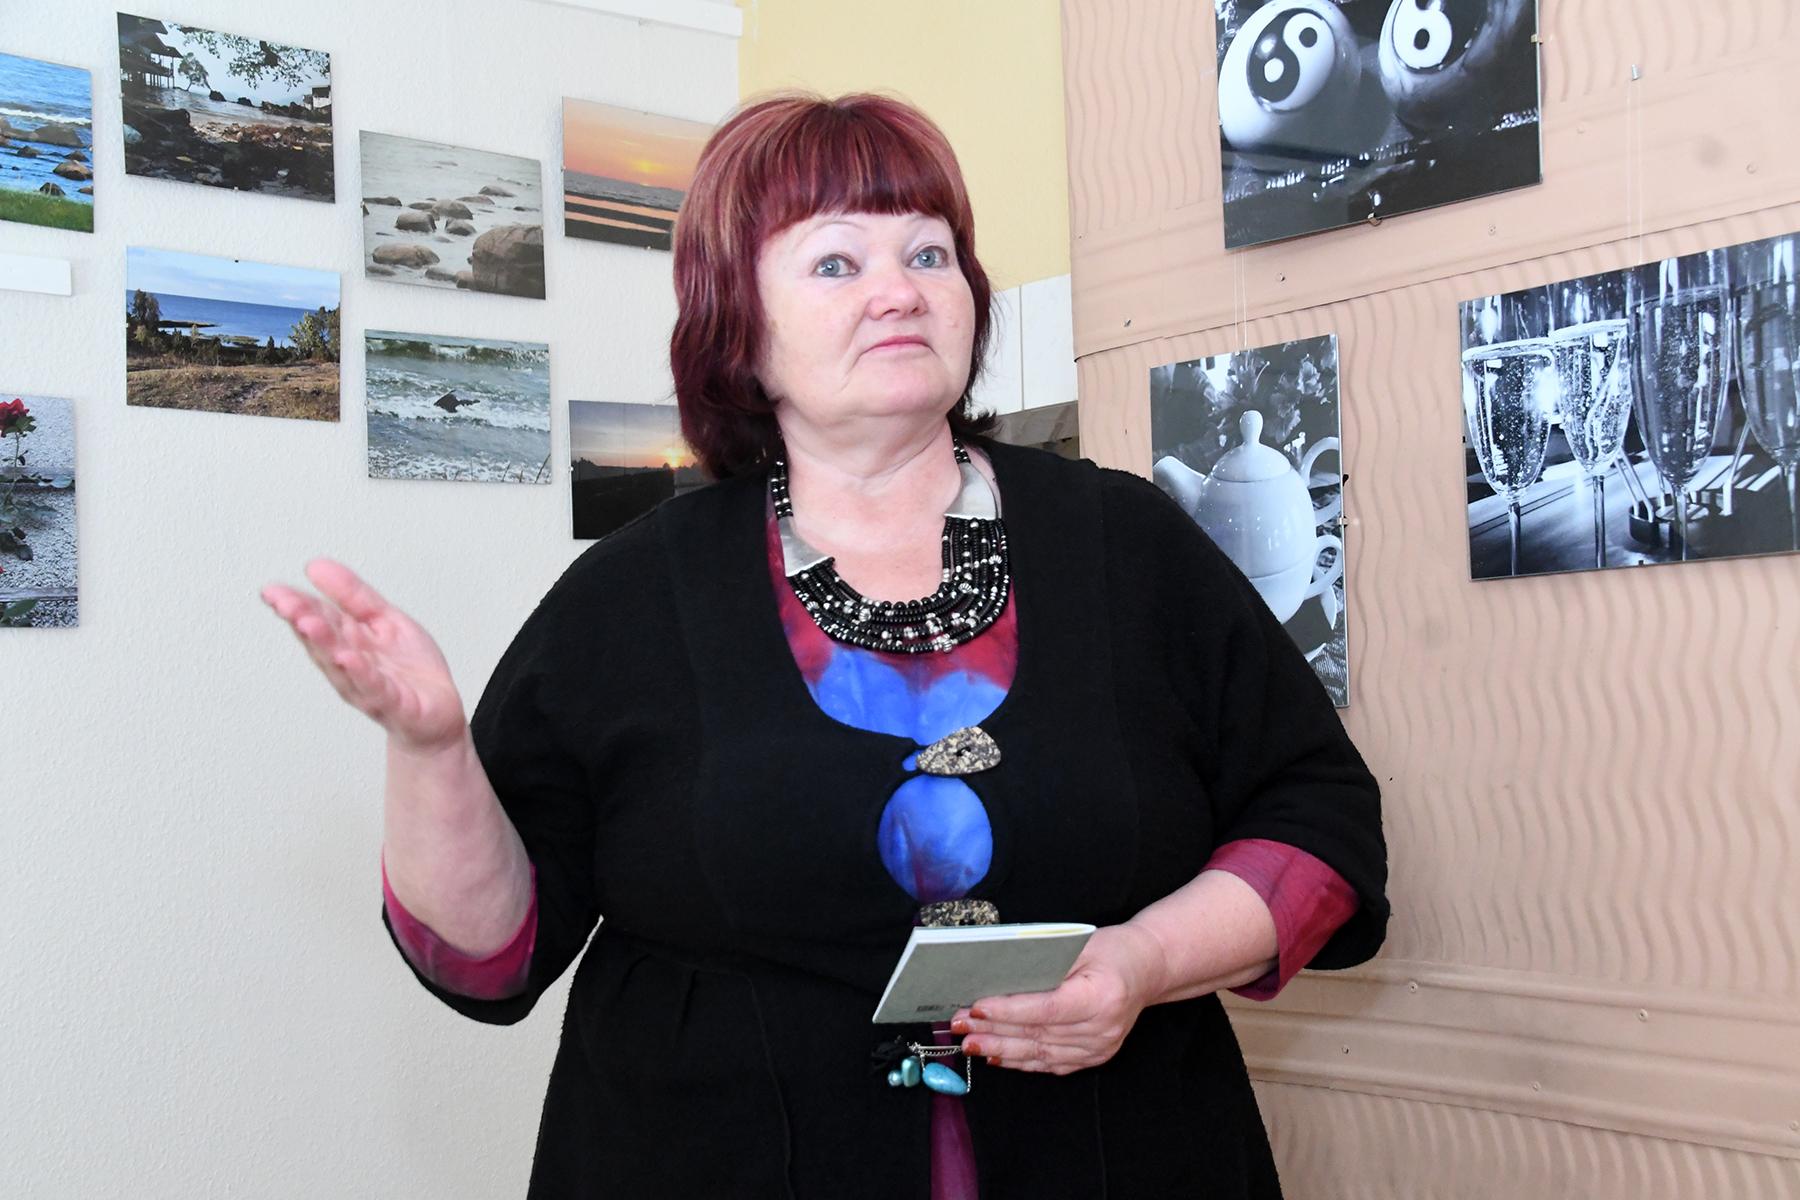 Aire Koop loeb Sindi sotsiaaltöökeskuses varalahkunud Mikk Rätsepa fotonäituse avamisel harrastusfotograafi enda loodud värsse. Foto Urmas Saard